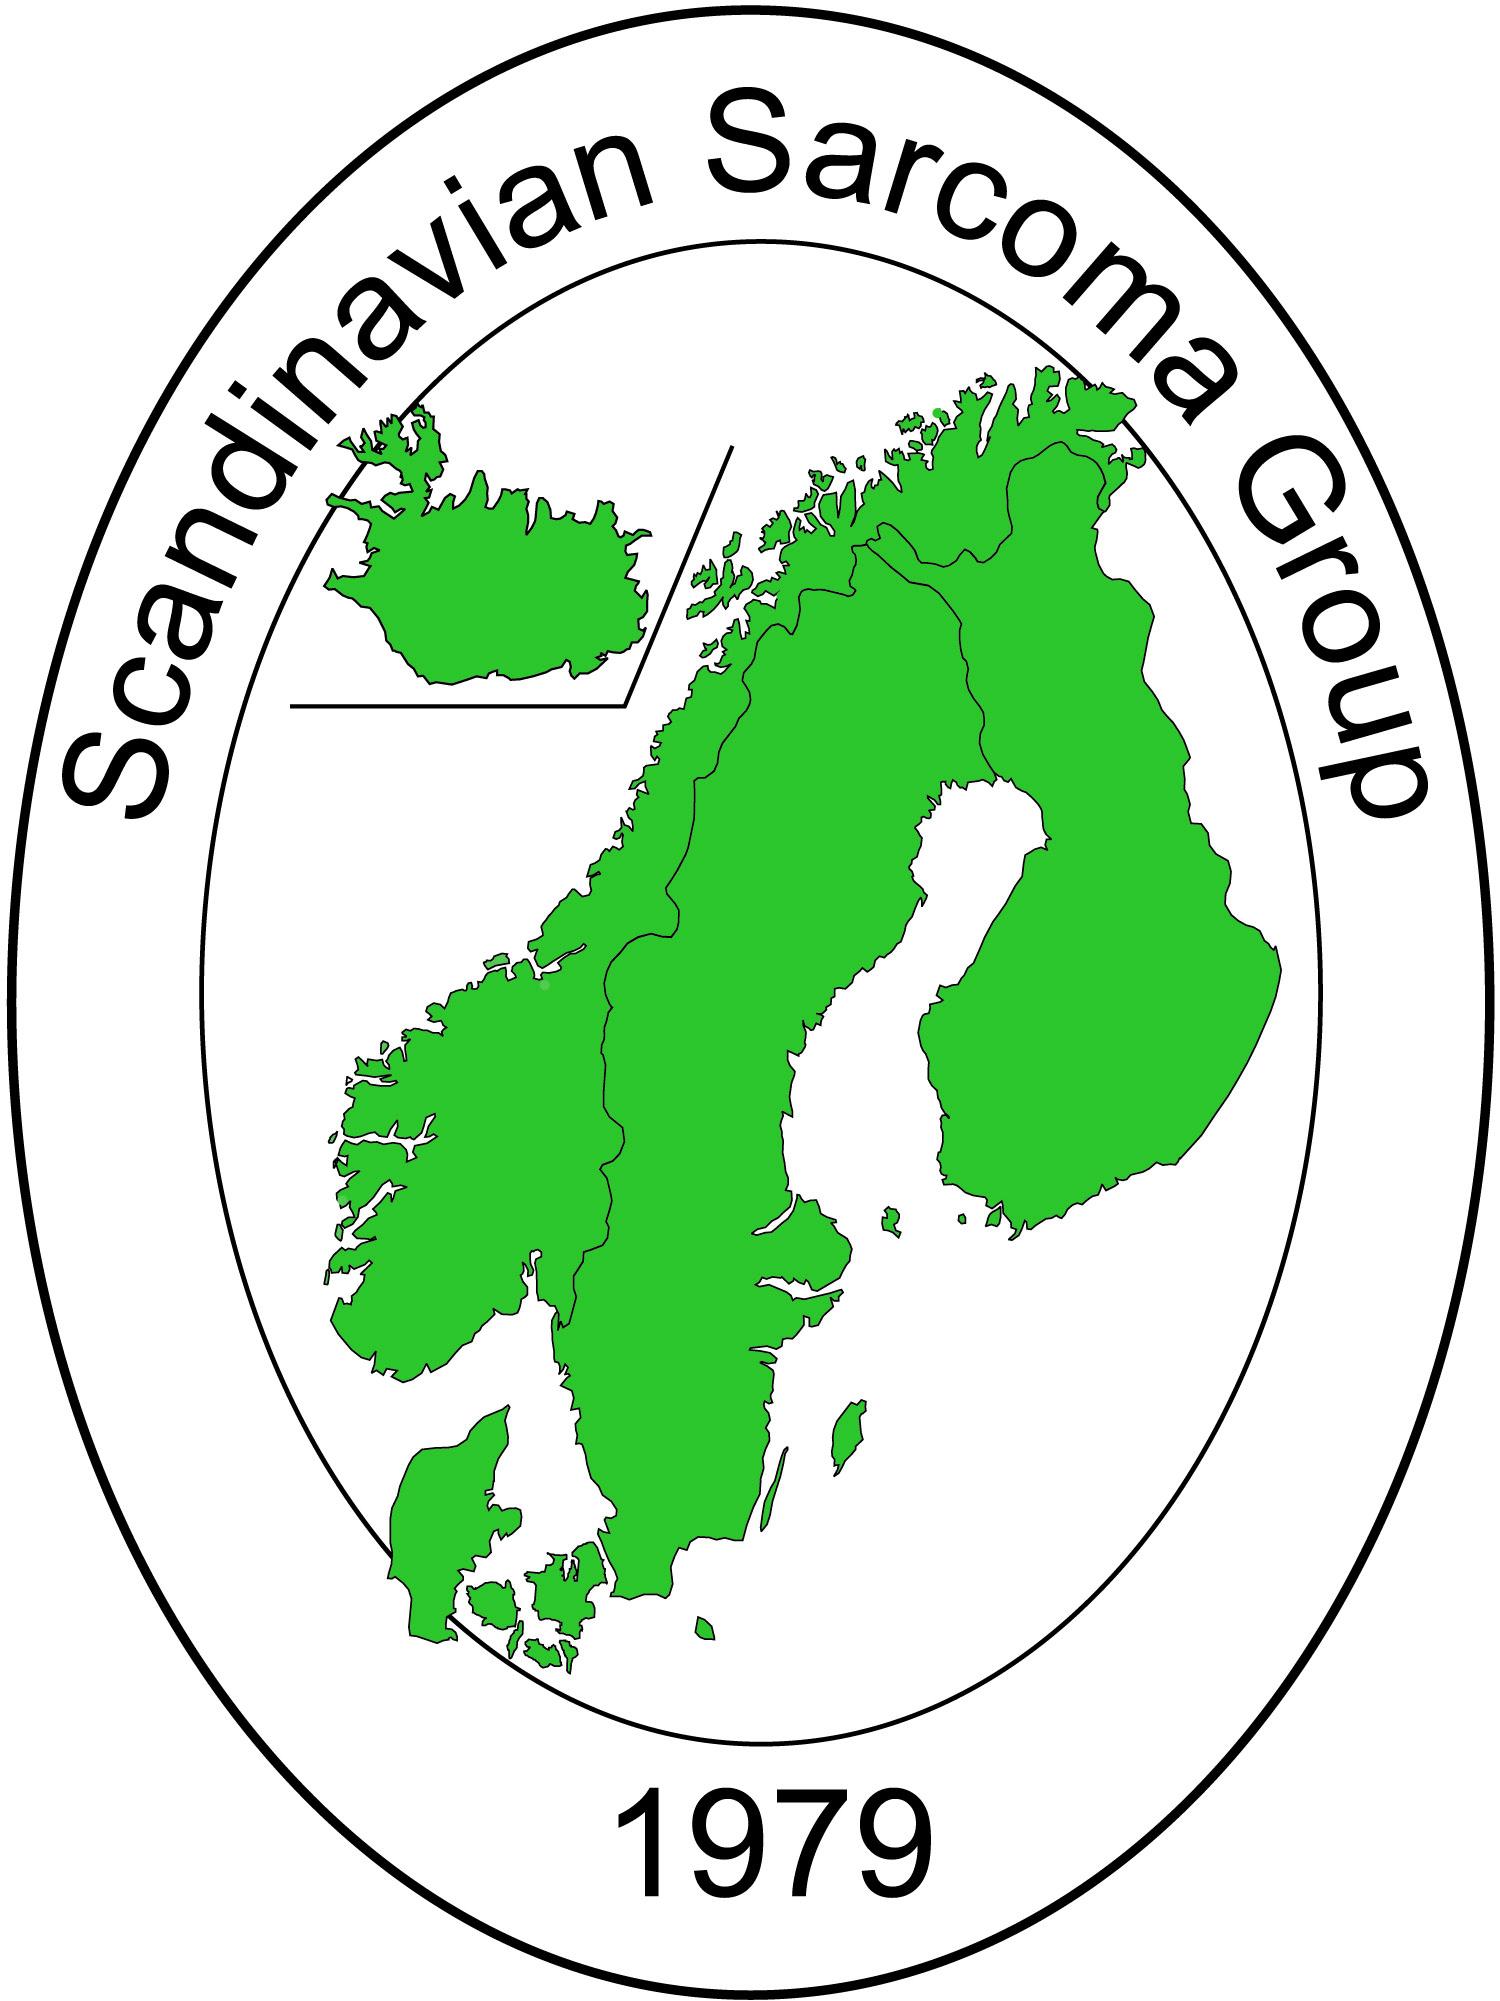 logo for Scandinavian Sarcoma Group